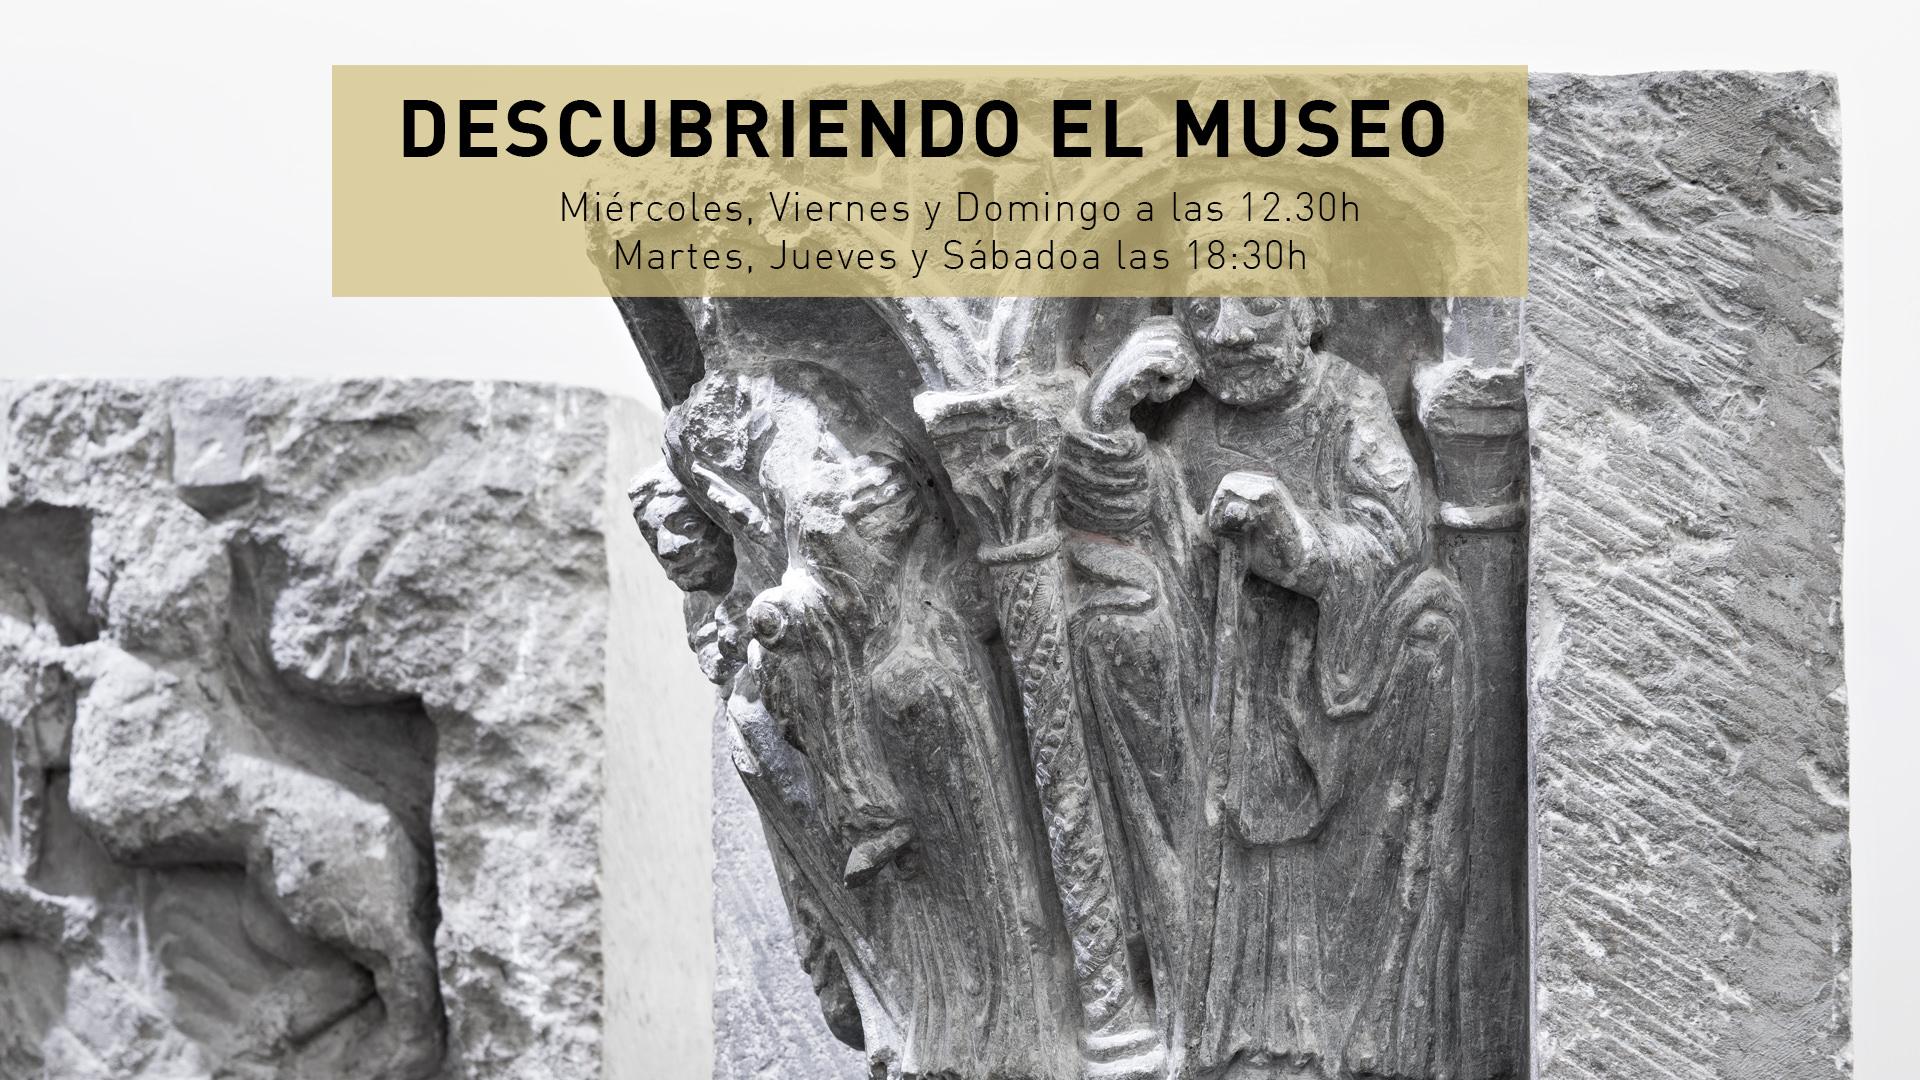 Descubriendo el museo